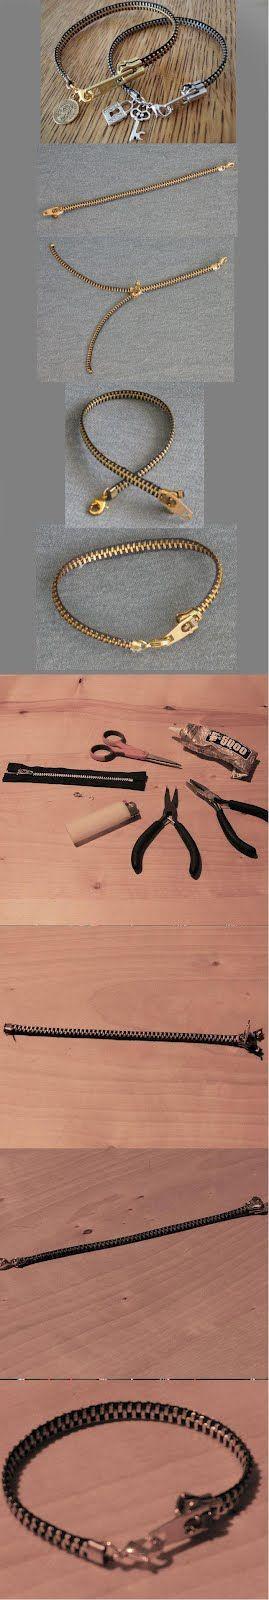 aprender manualidades desde tu casa,trabajar con las manos,ganate la vida siendo artesana,manualidades observando,artesanos autodidactas,inspirando artesanias,tecnicas importantes para aprender.